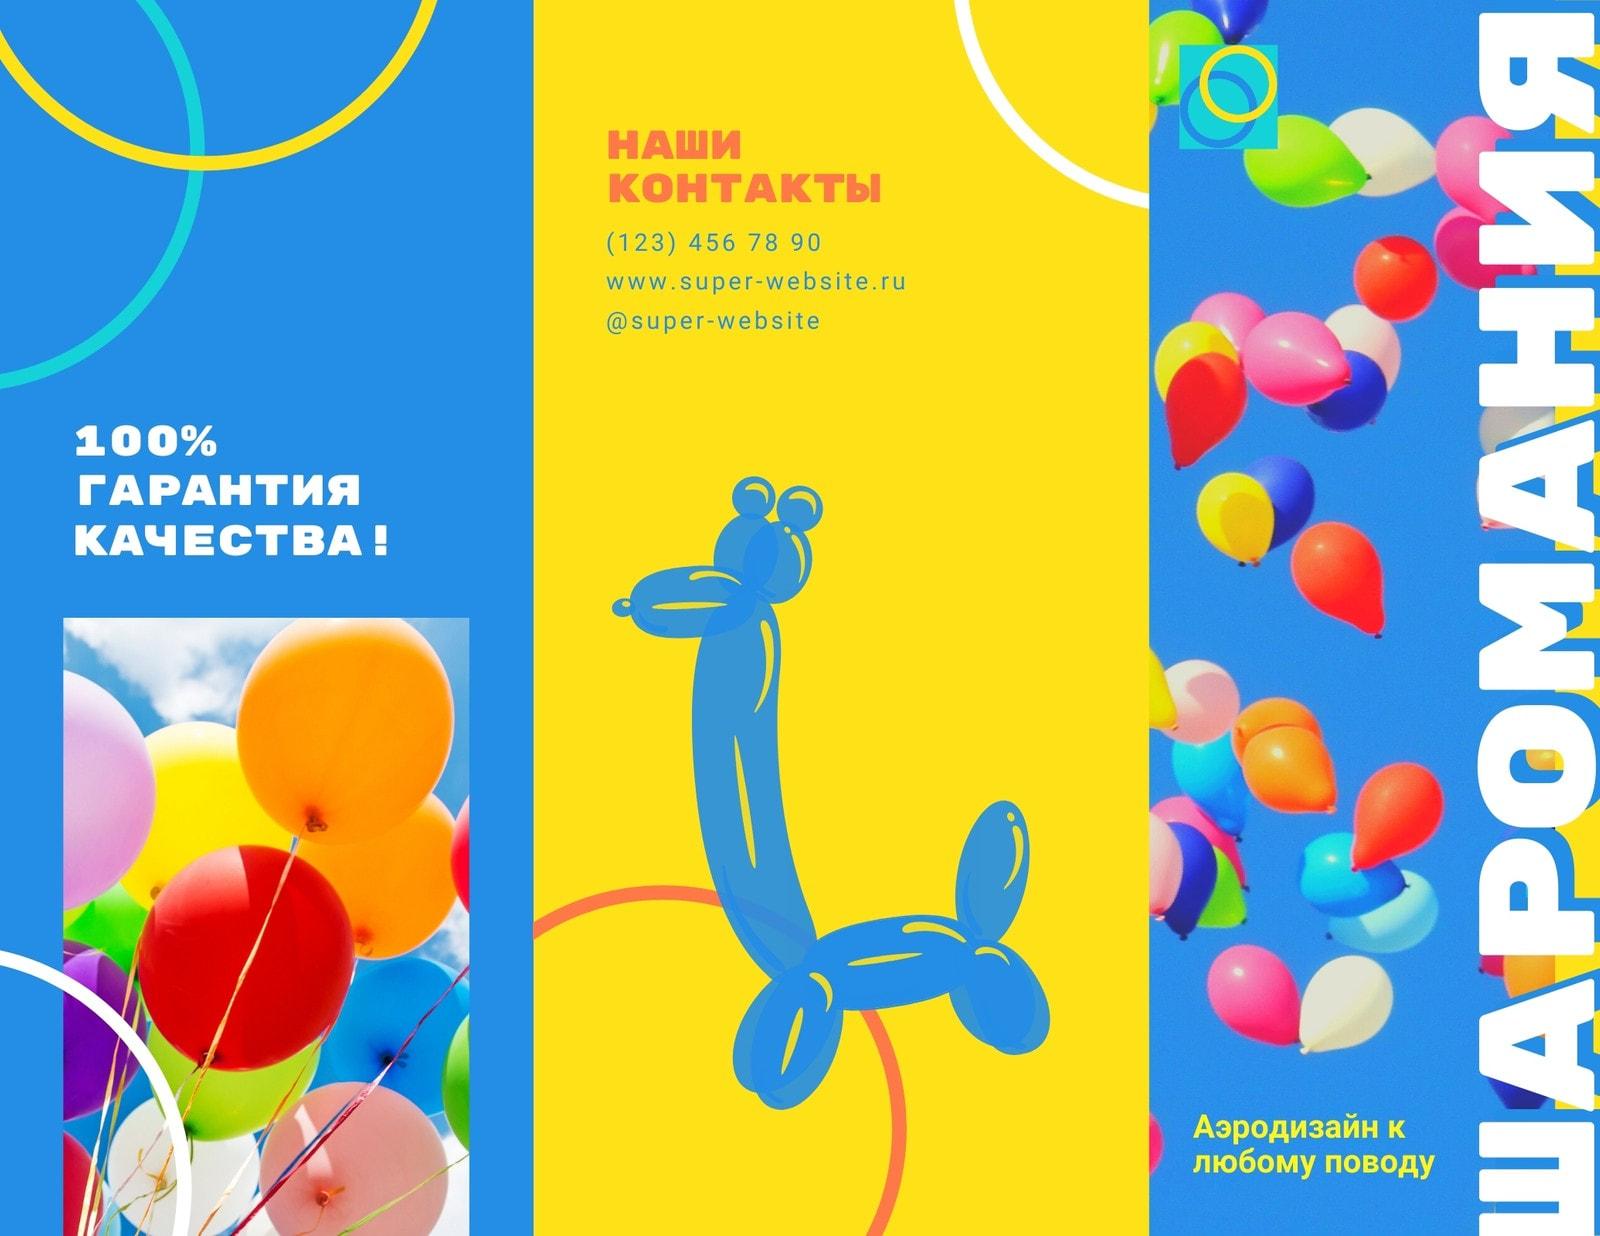 Цветная брошюра с прайс-листом воздушных шаров